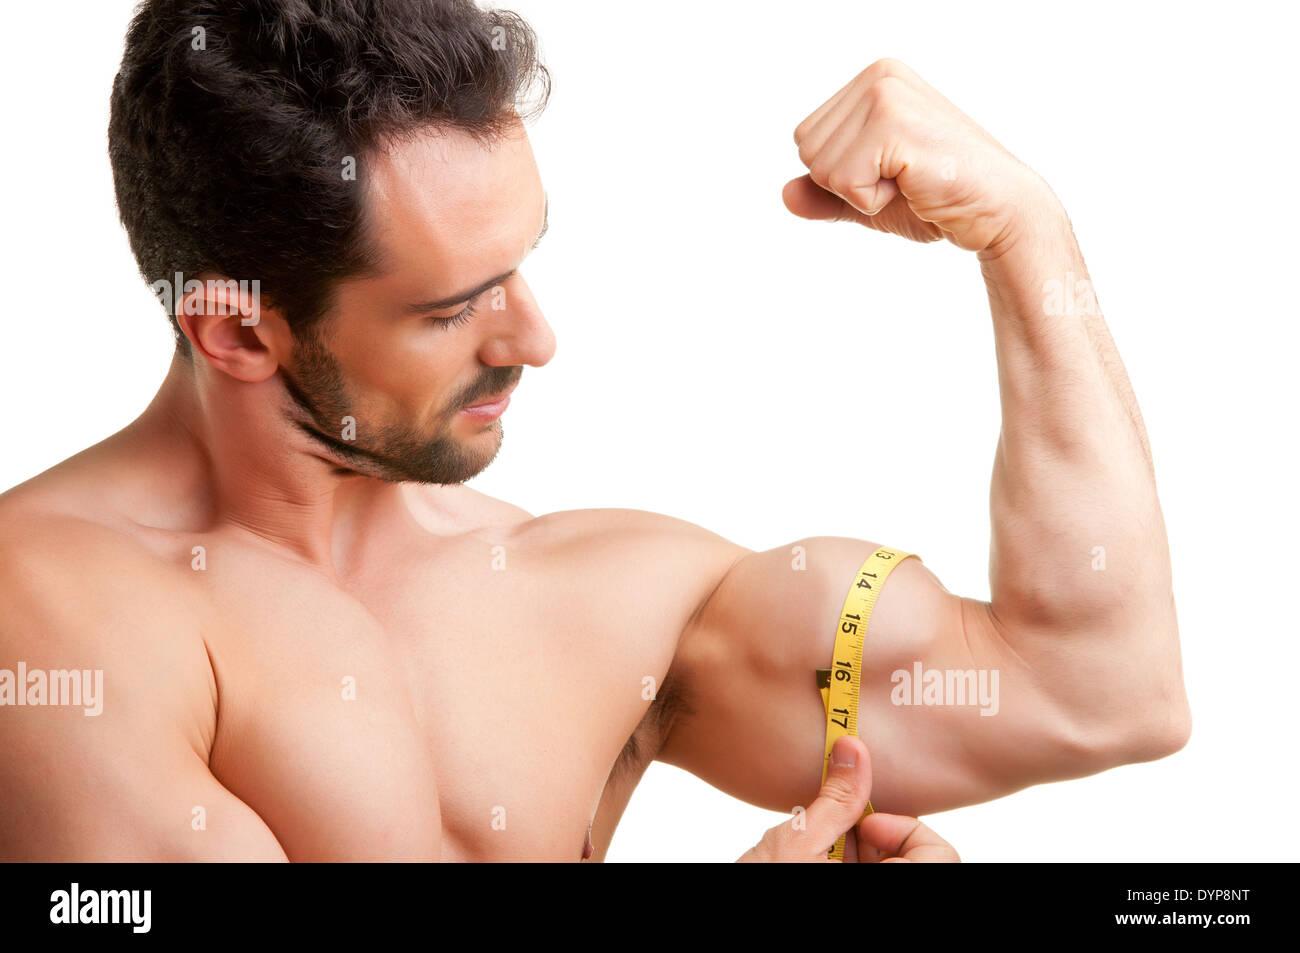 Fit Mann misst seine Bizeps mit einem gelben Band, isoliert in weiß Stockbild